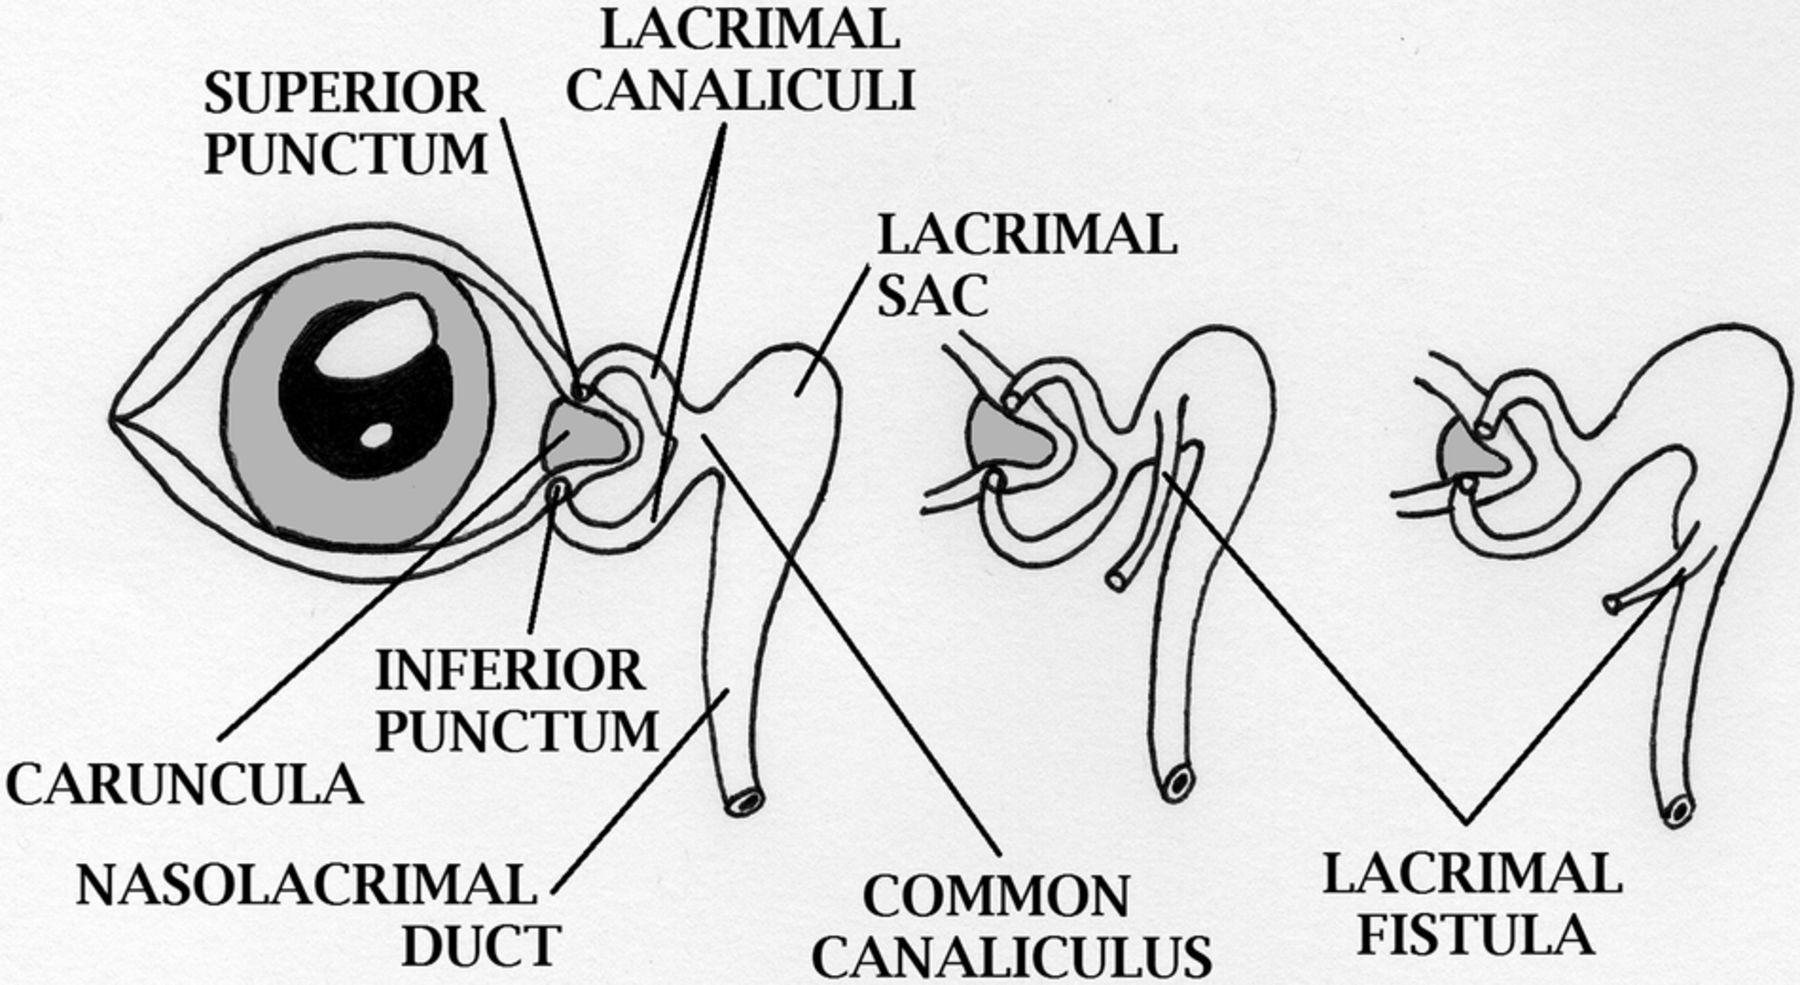 Congenital Lacrimal Fistula